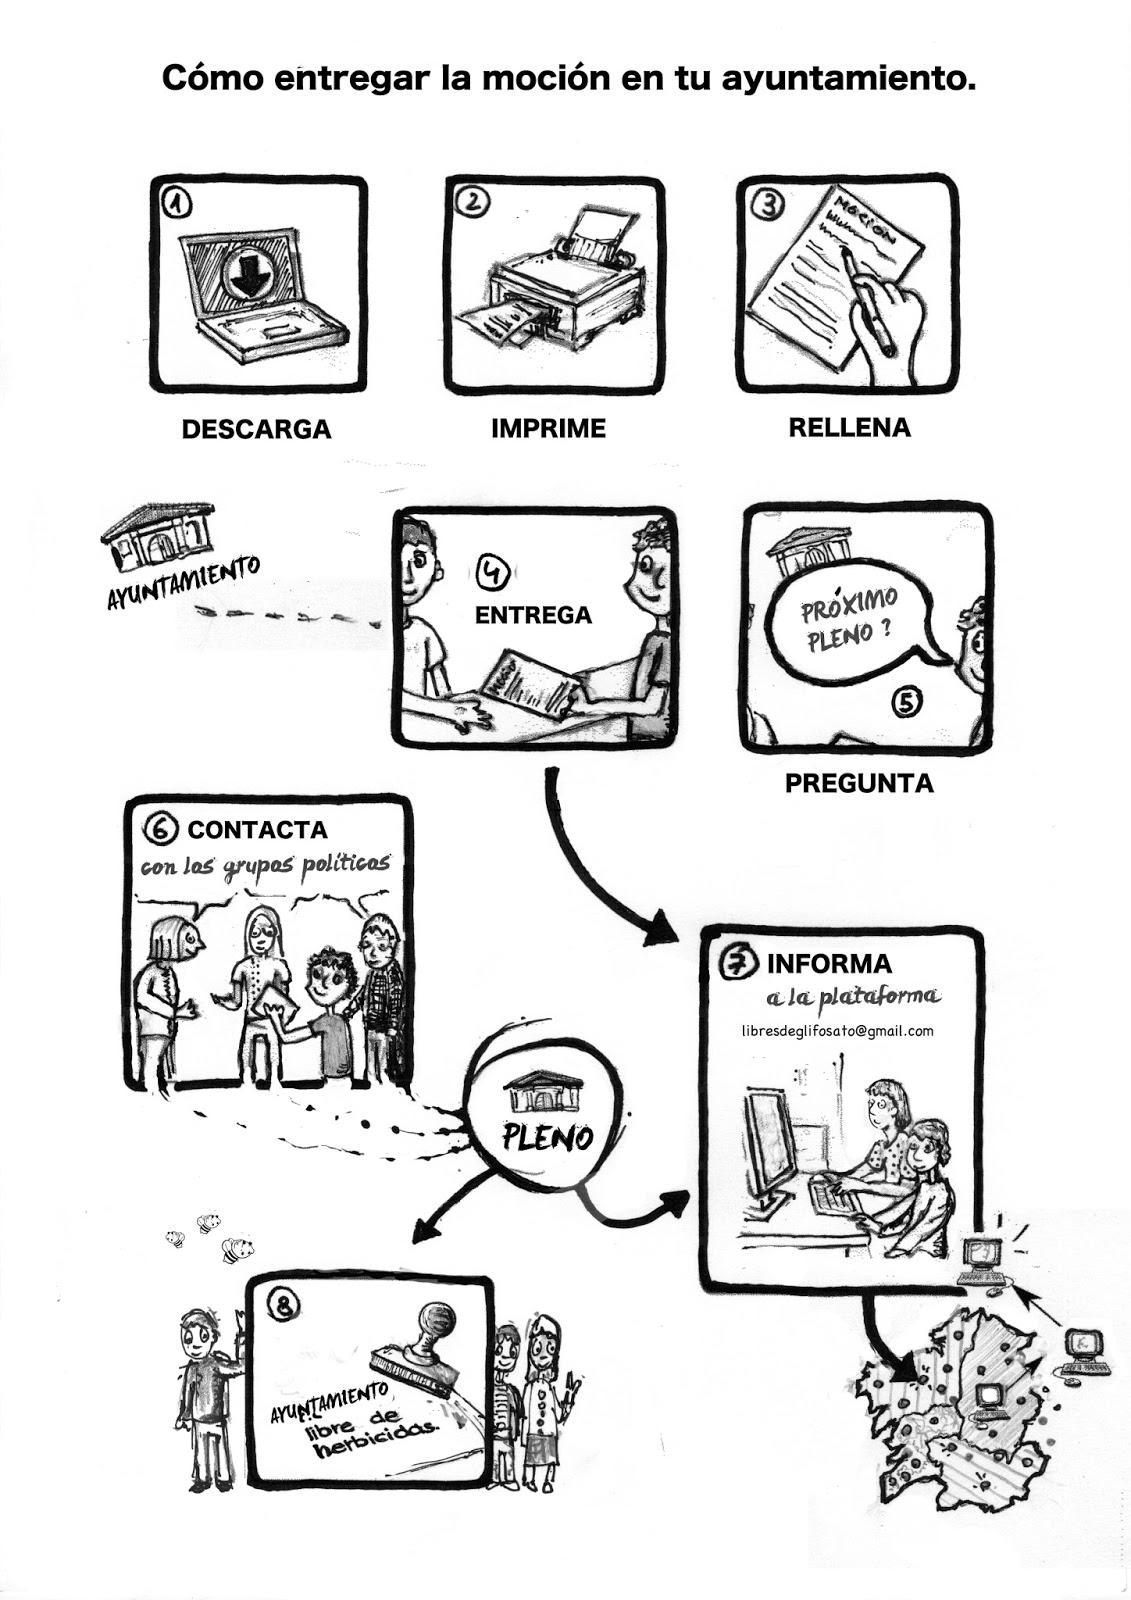 RURAL CONTEMPORÁNEA: #LibresdeGlifosato. Lluvia de